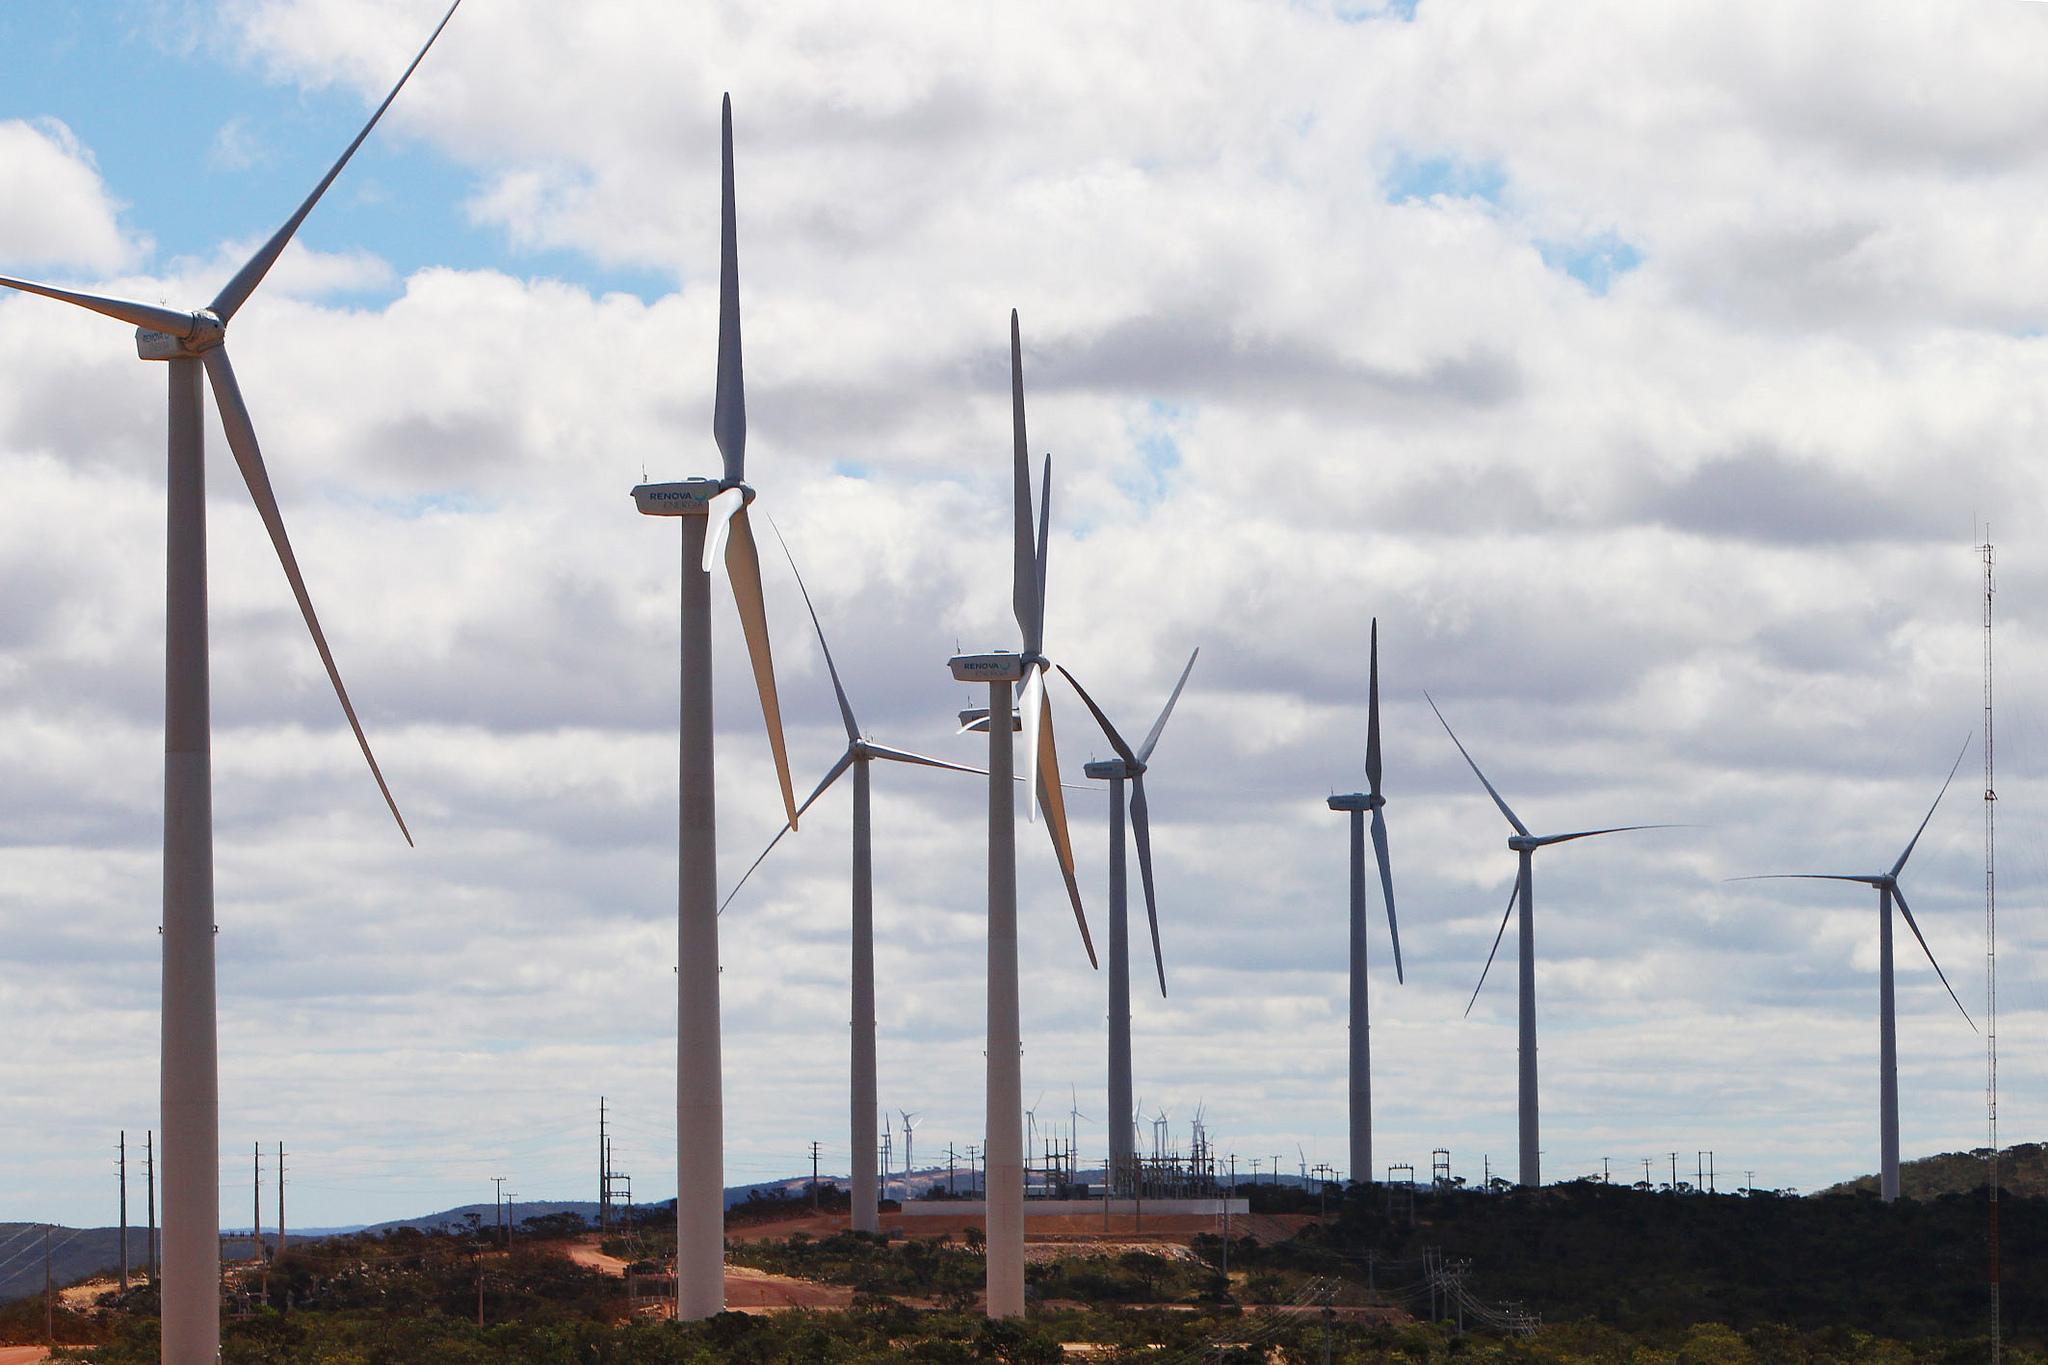 Brasil tem 10 GW de capacidade instalada para energia eólica